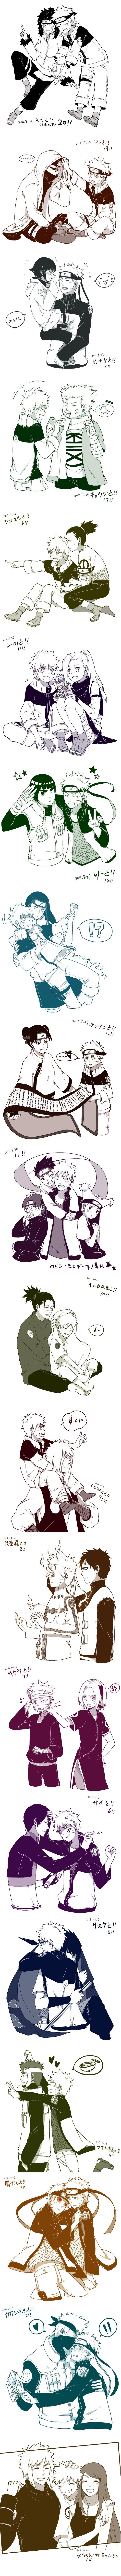 Naruto <3 me gustaría saber si solo yo vi las referencias Yaoi o.o amo a Naru x3